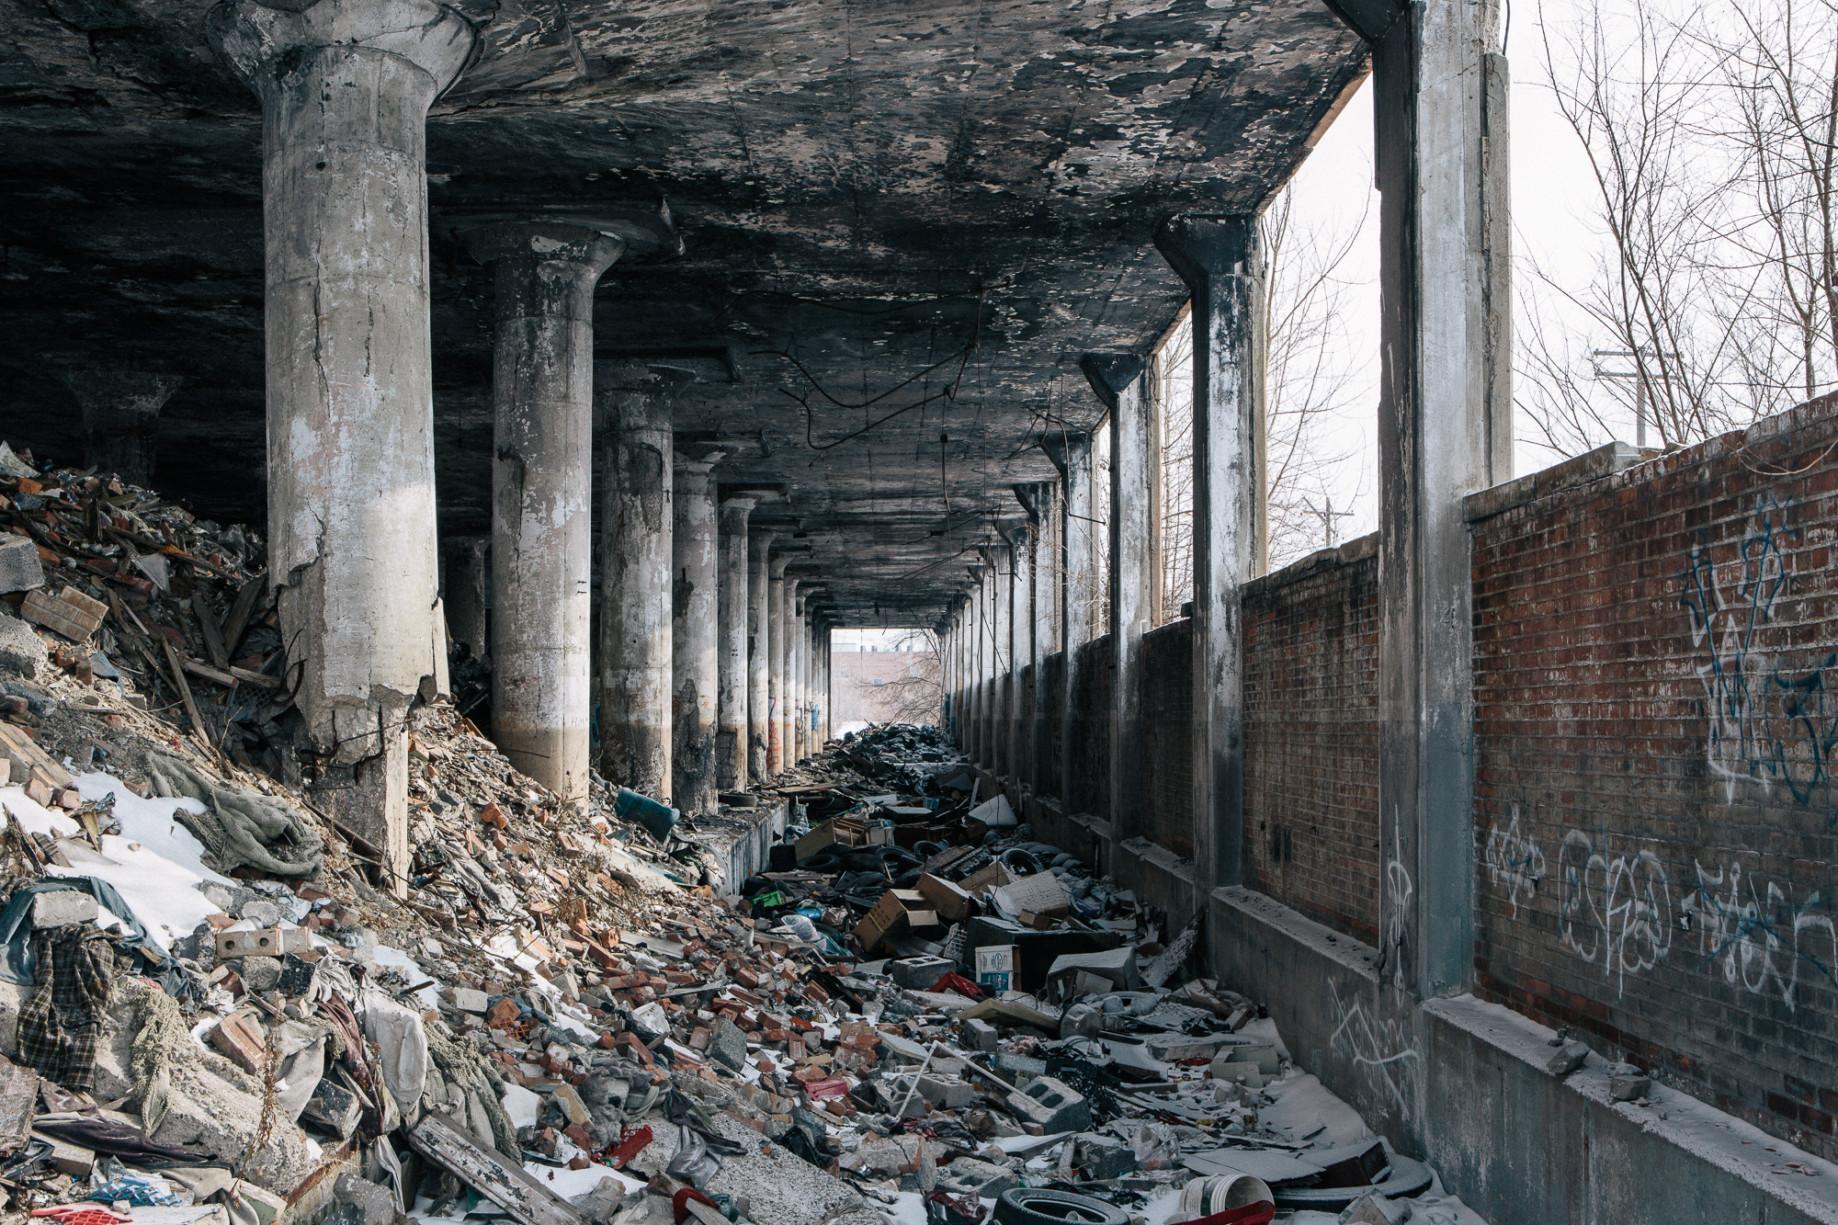 simonweller-frozenstates-abandonedfactory